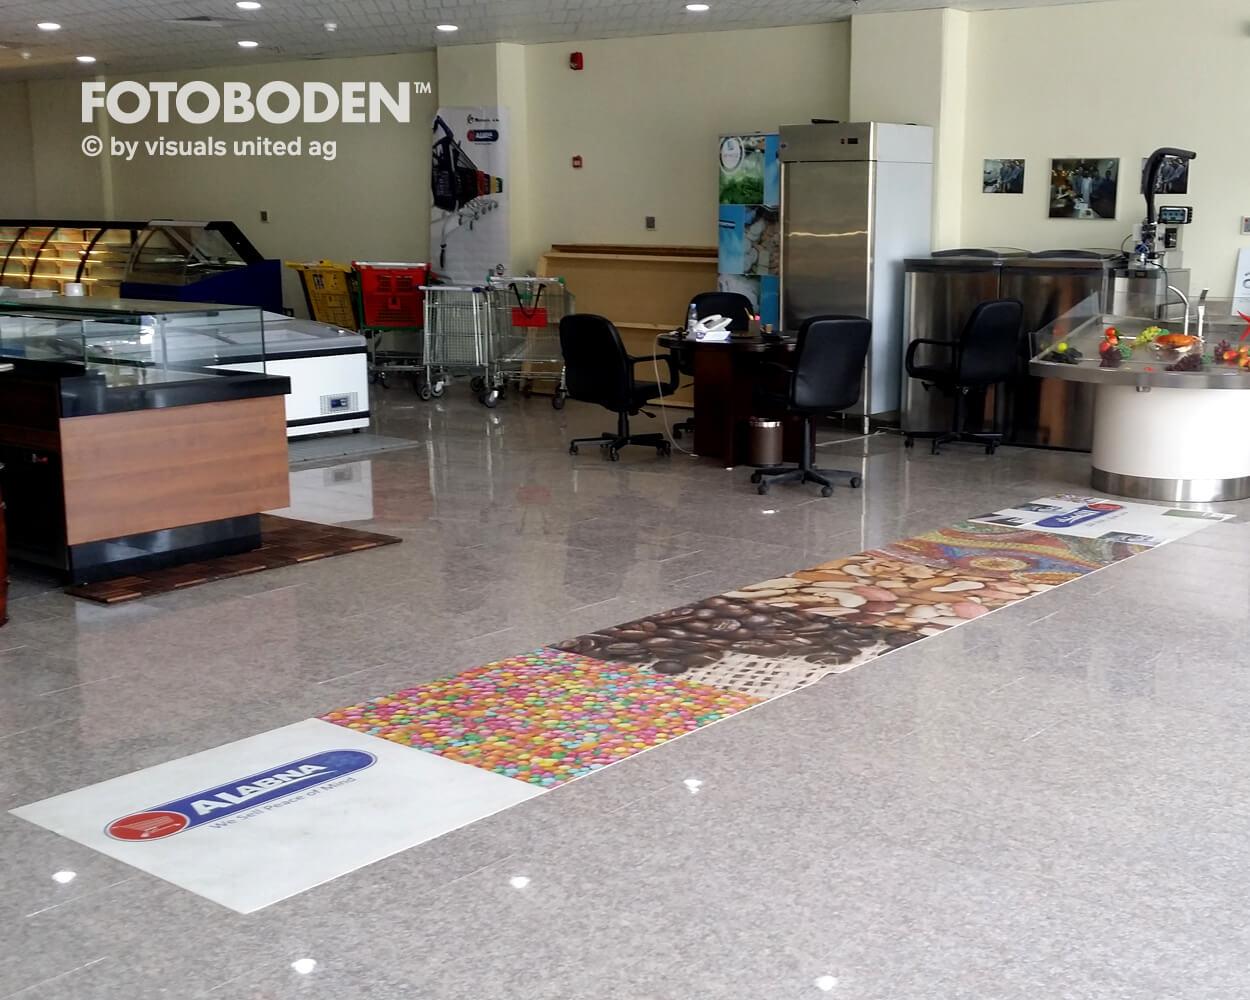 FOTOBODEN™ Teppich bedrucken Teppich selbst gestalten